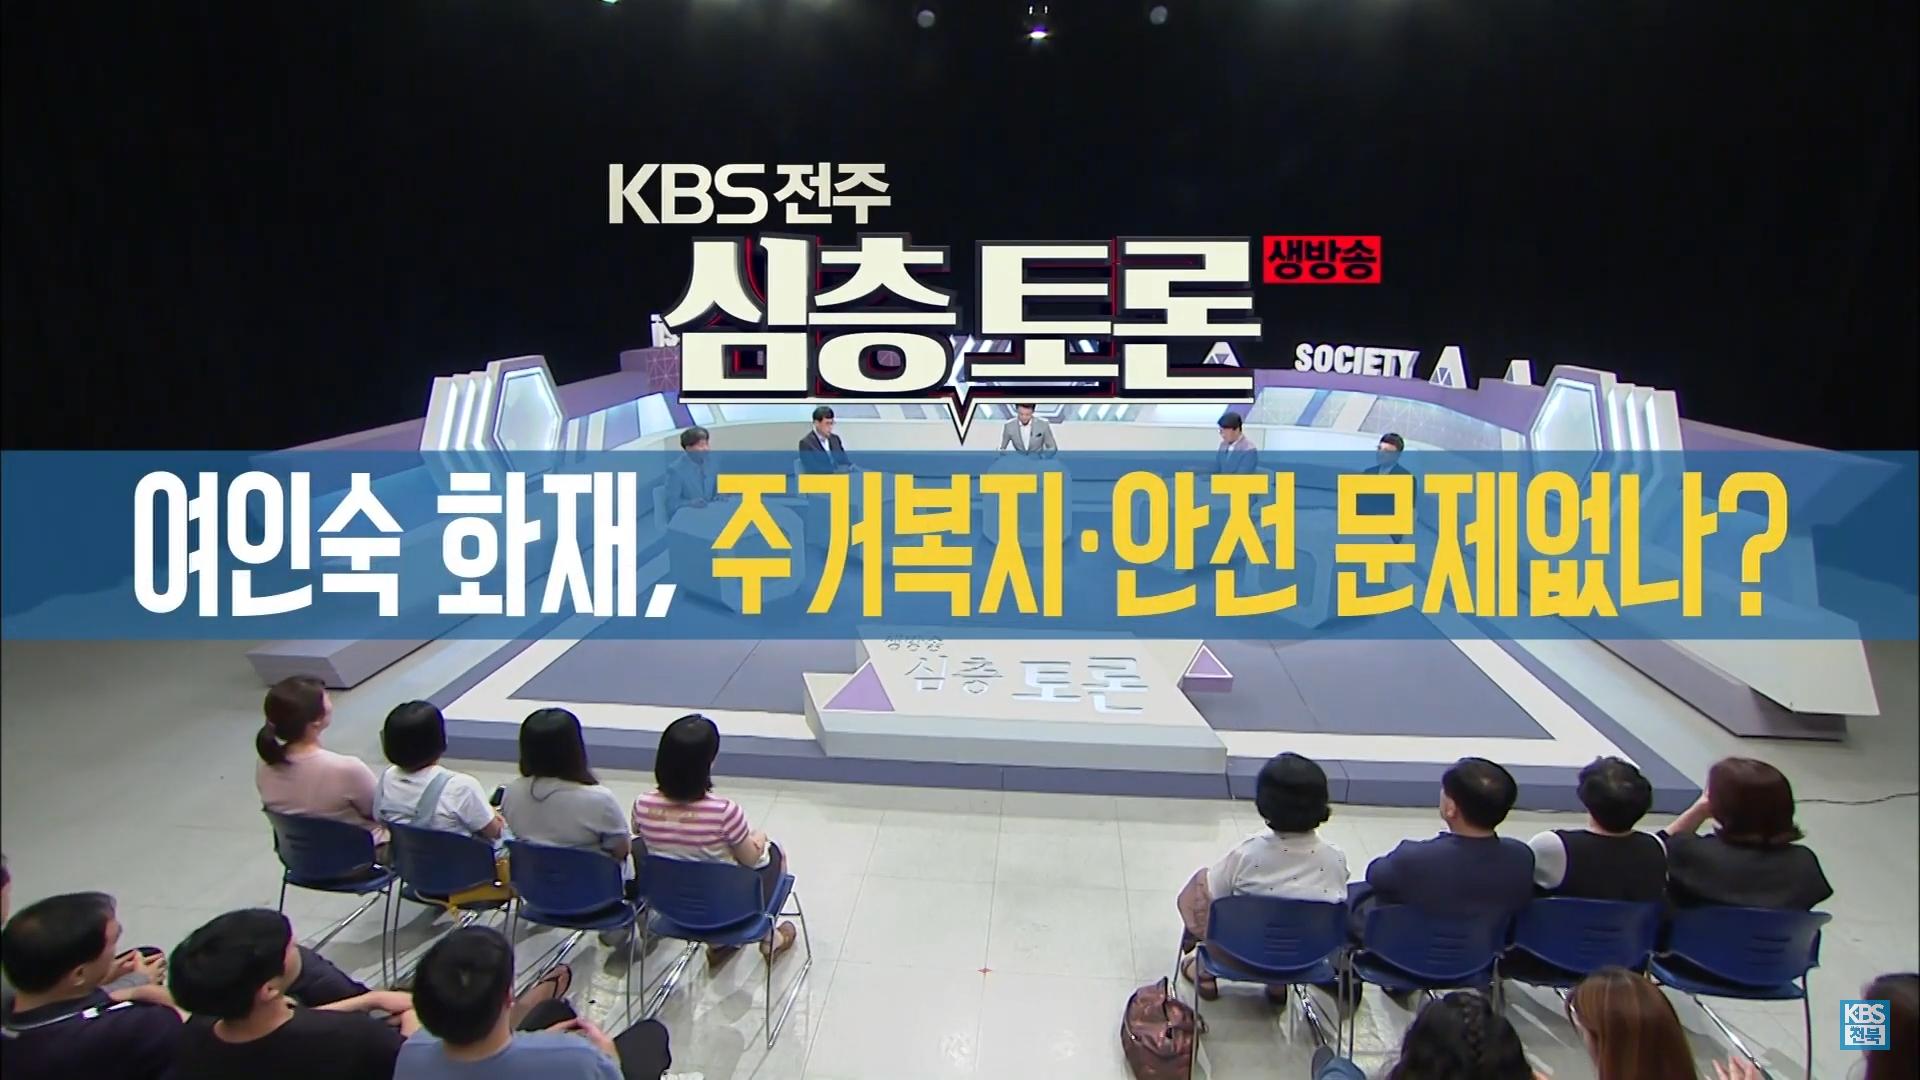 [19.9.4 KBS전주 생방송 심층토론] 전주 여인숙 화재, 주거복지·안전 문제없나1.jpg